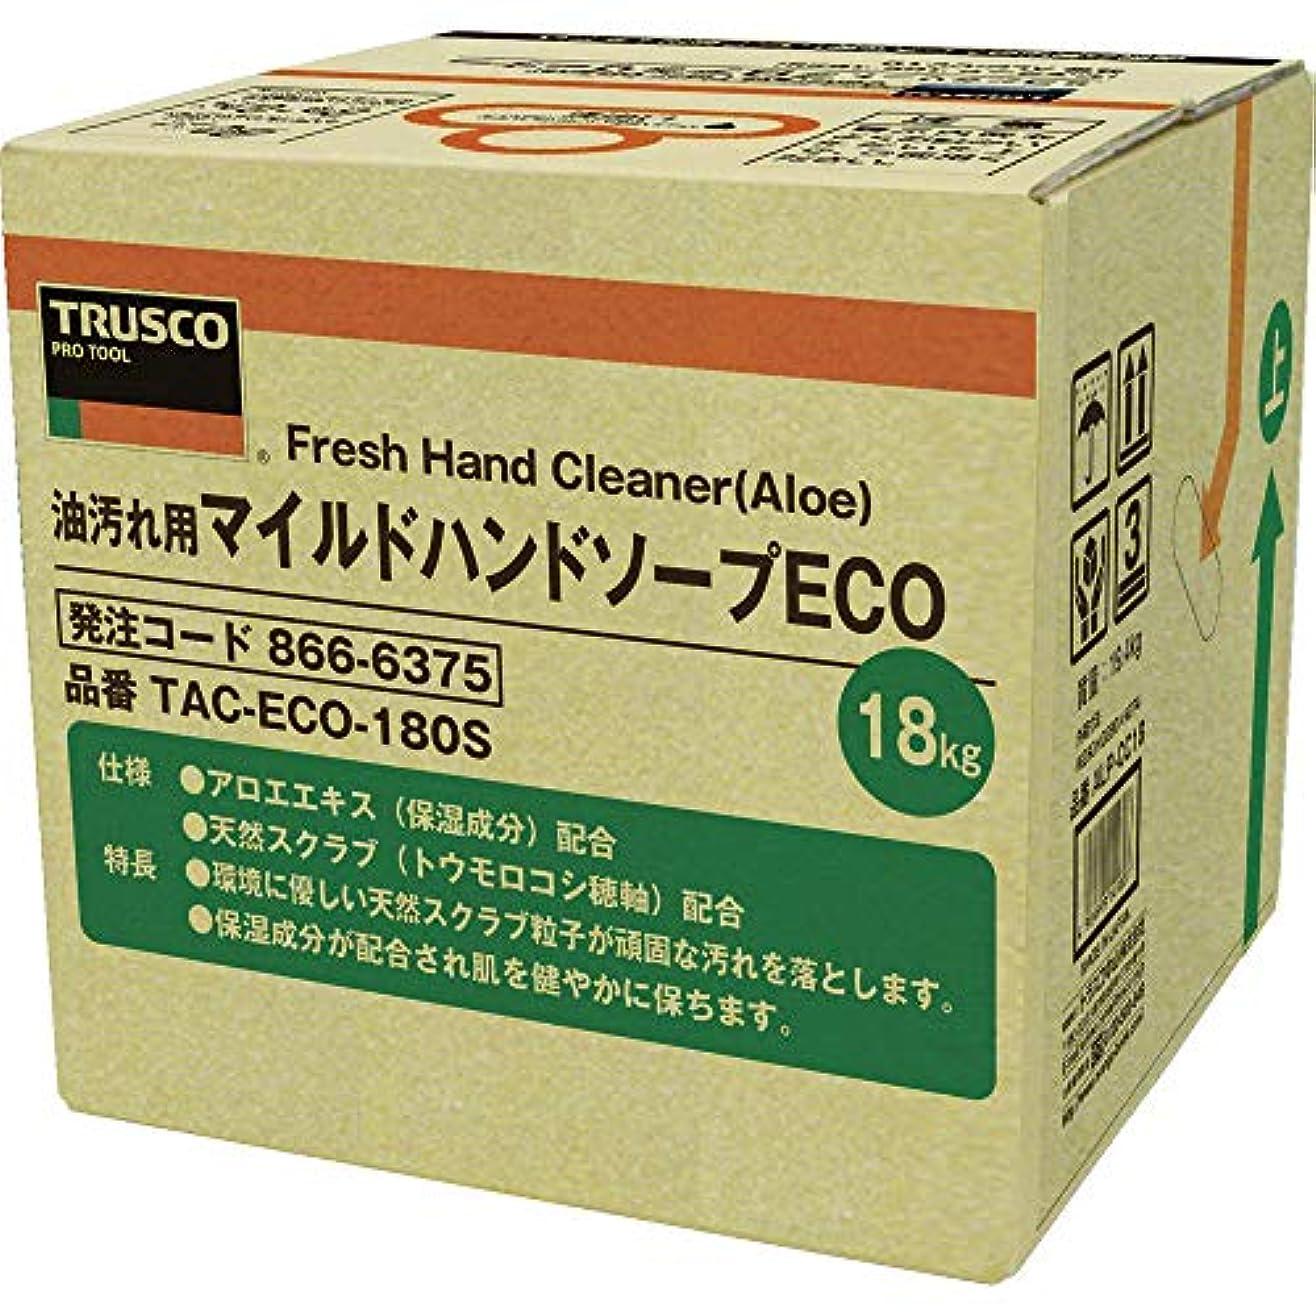 遺棄された踊り子民主党TRUSCO(トラスコ) マイルドハンドソープ ECO 18L 詰替 バッグインボックス TACECO180S